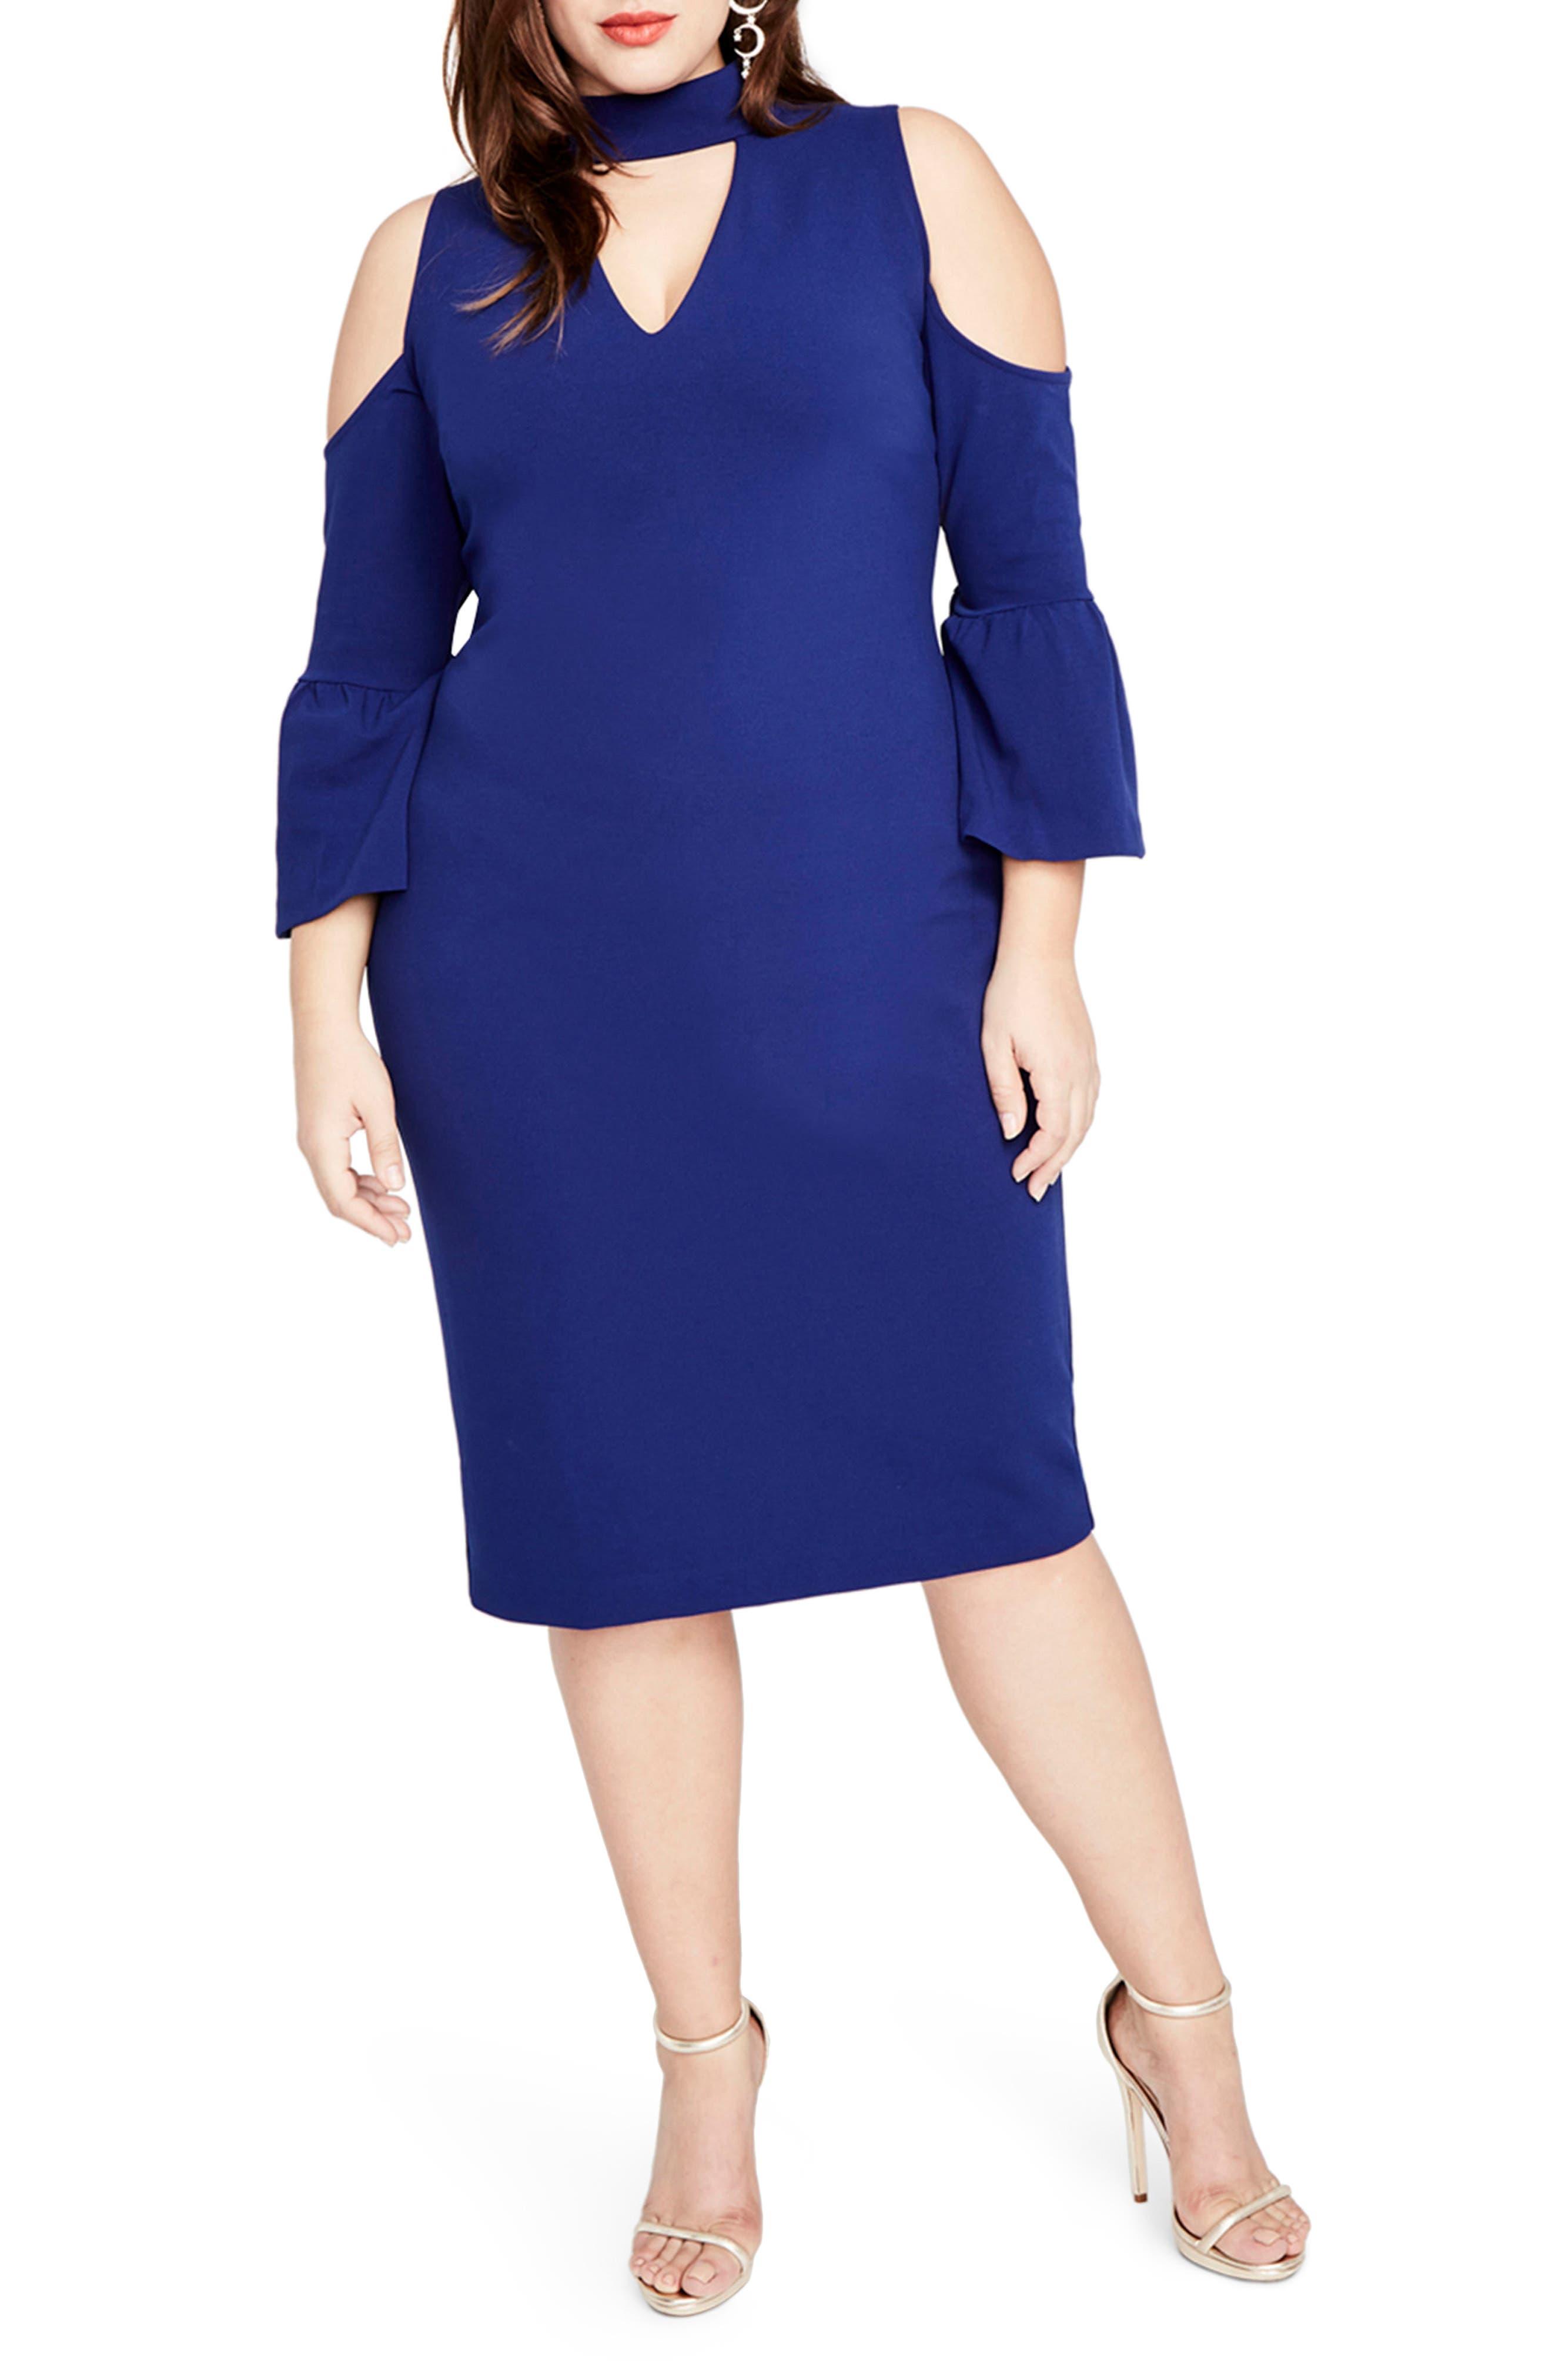 Alternate Image 1 Selected - RACHEL Rachel Roy Cold Shoulder Choker Neck Dress (Plus Size)